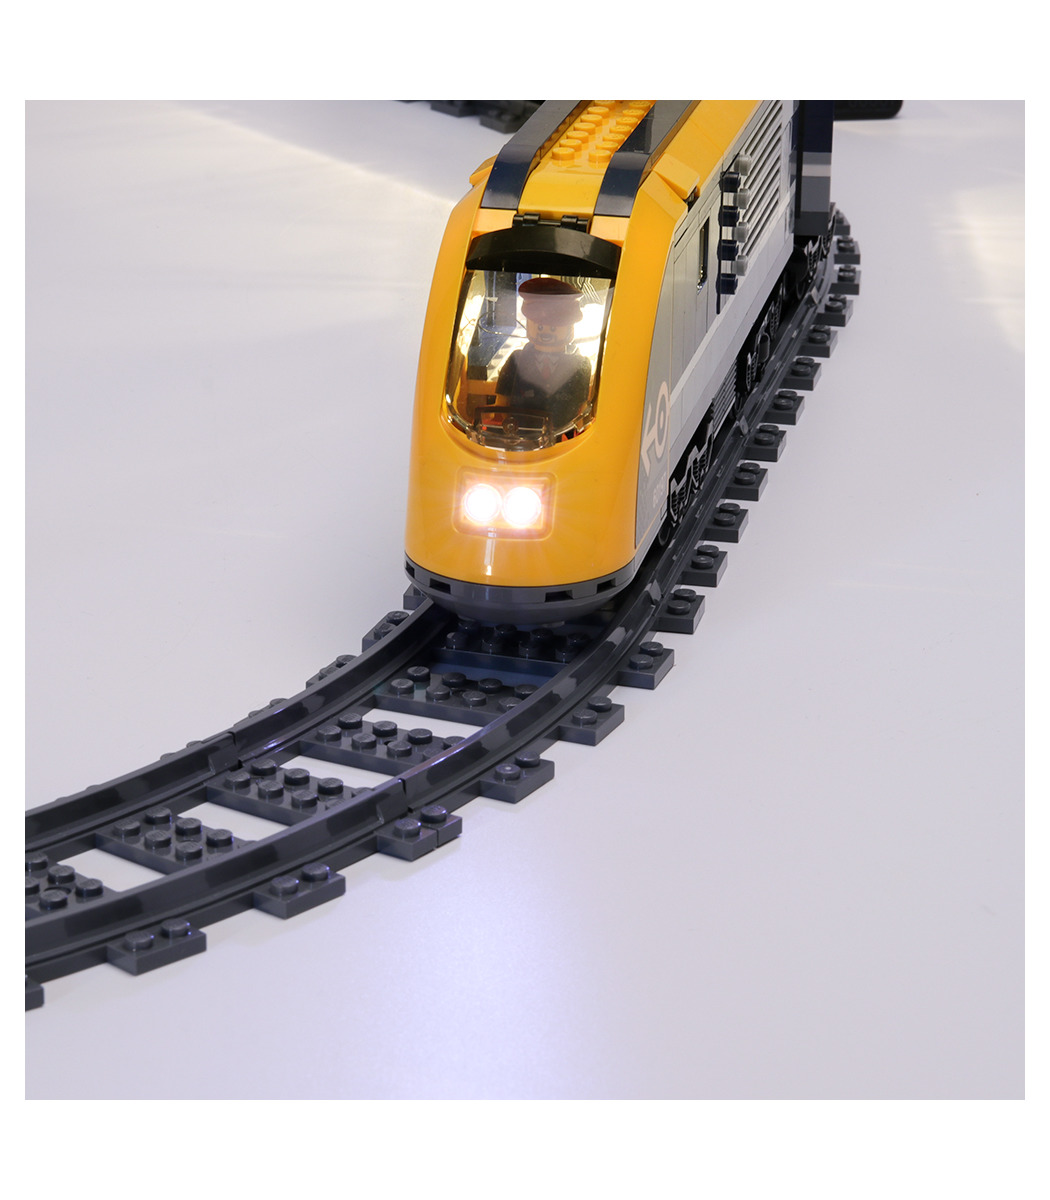 New LED Light Up Kit For LEGO 60197 City Series Passenger Train Lighting Kit